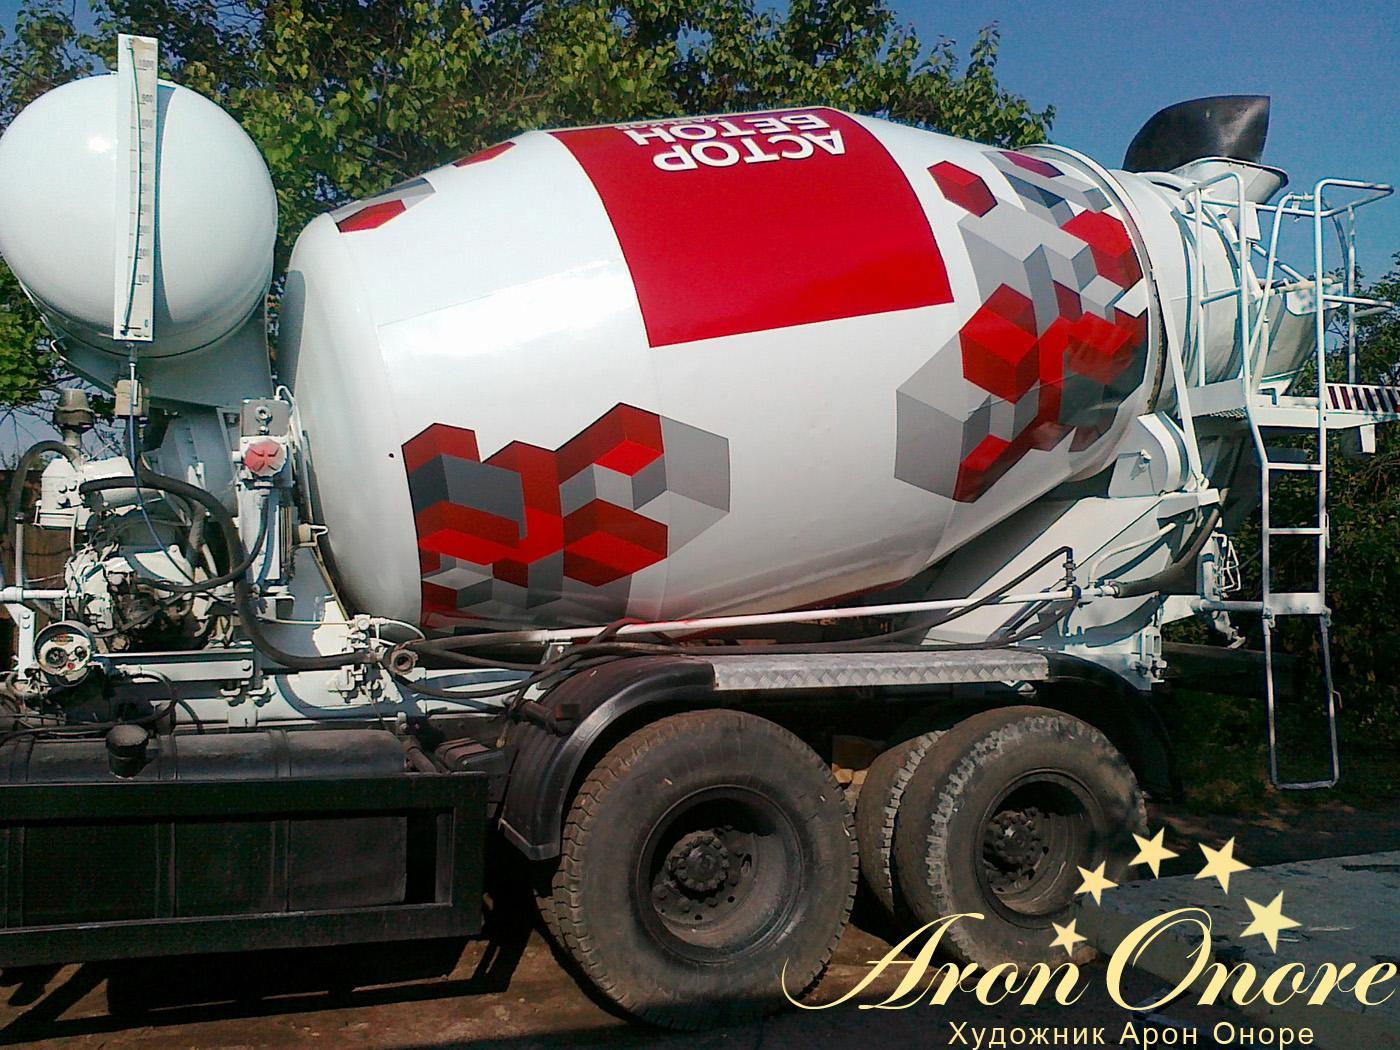 Аэрография на грузовом авто – на бетоновозе